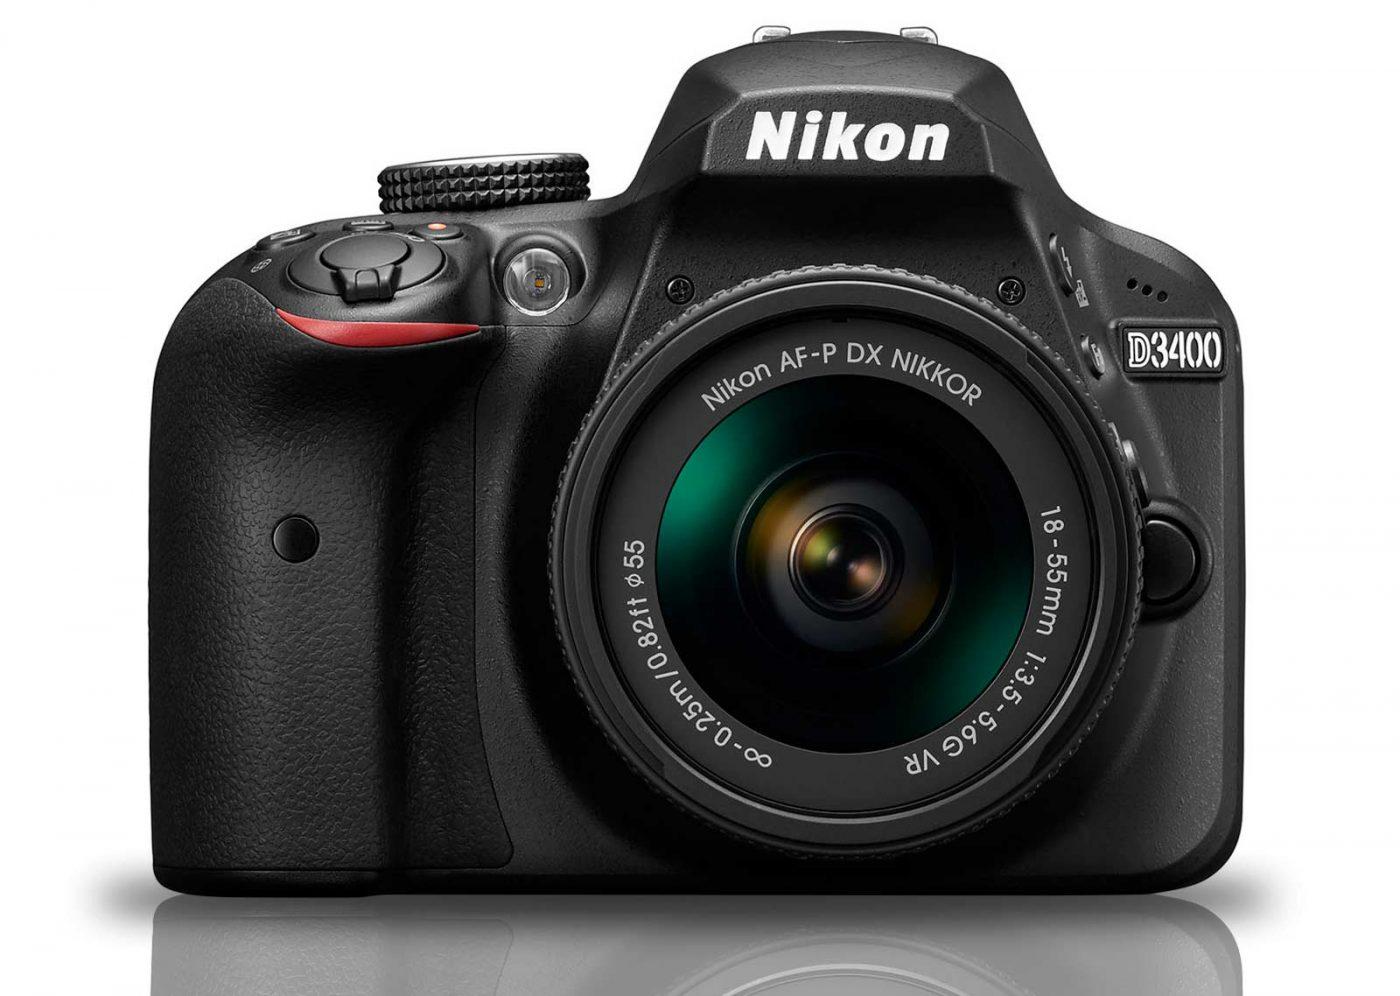 Nikon D3400 SLR with 18-55 AF-P Lens